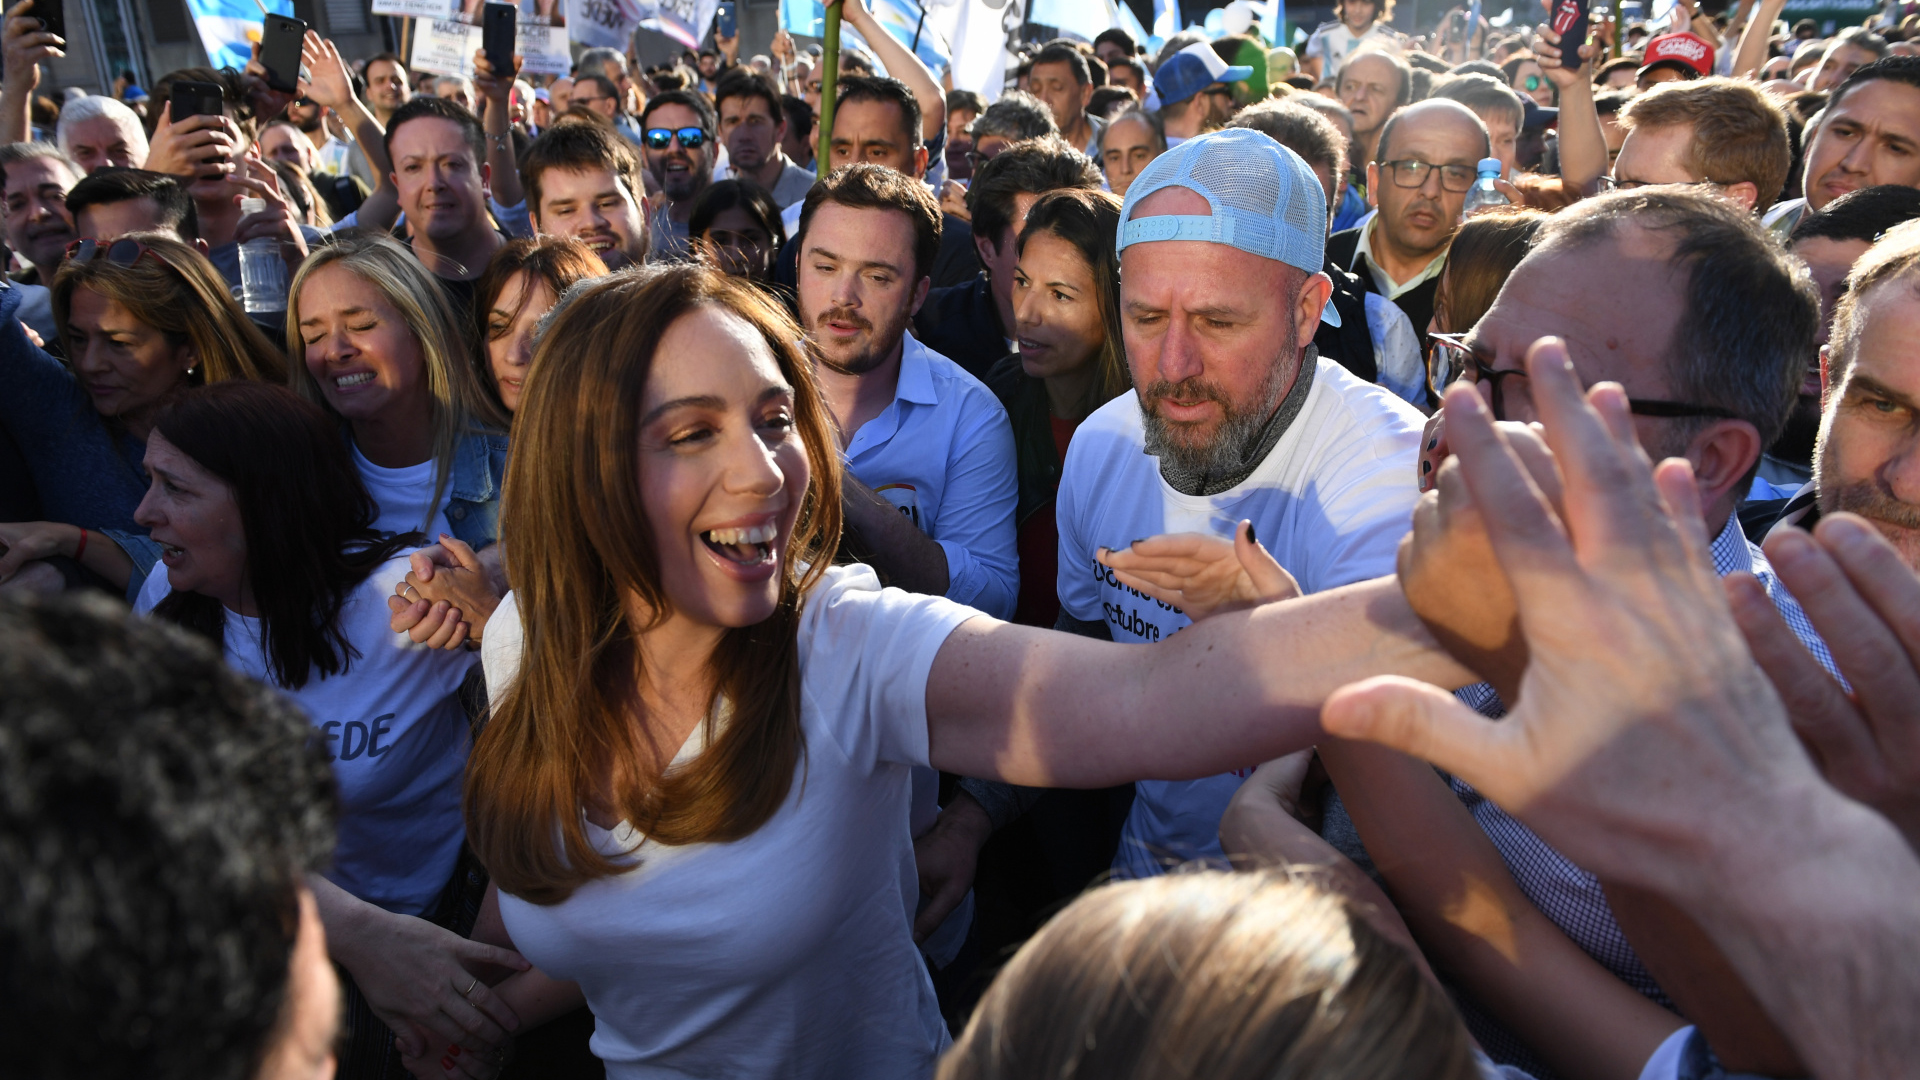 La embajadora de la provincia de Buenos Aires, María Eugenia Vidal, a su llegada al acto. La gobernadora no pudo llegar hasta el palco por la gran cantidad de gente reunida en el lugar y lo vio desde la caja de la camioneta Ford F100 de un asistente